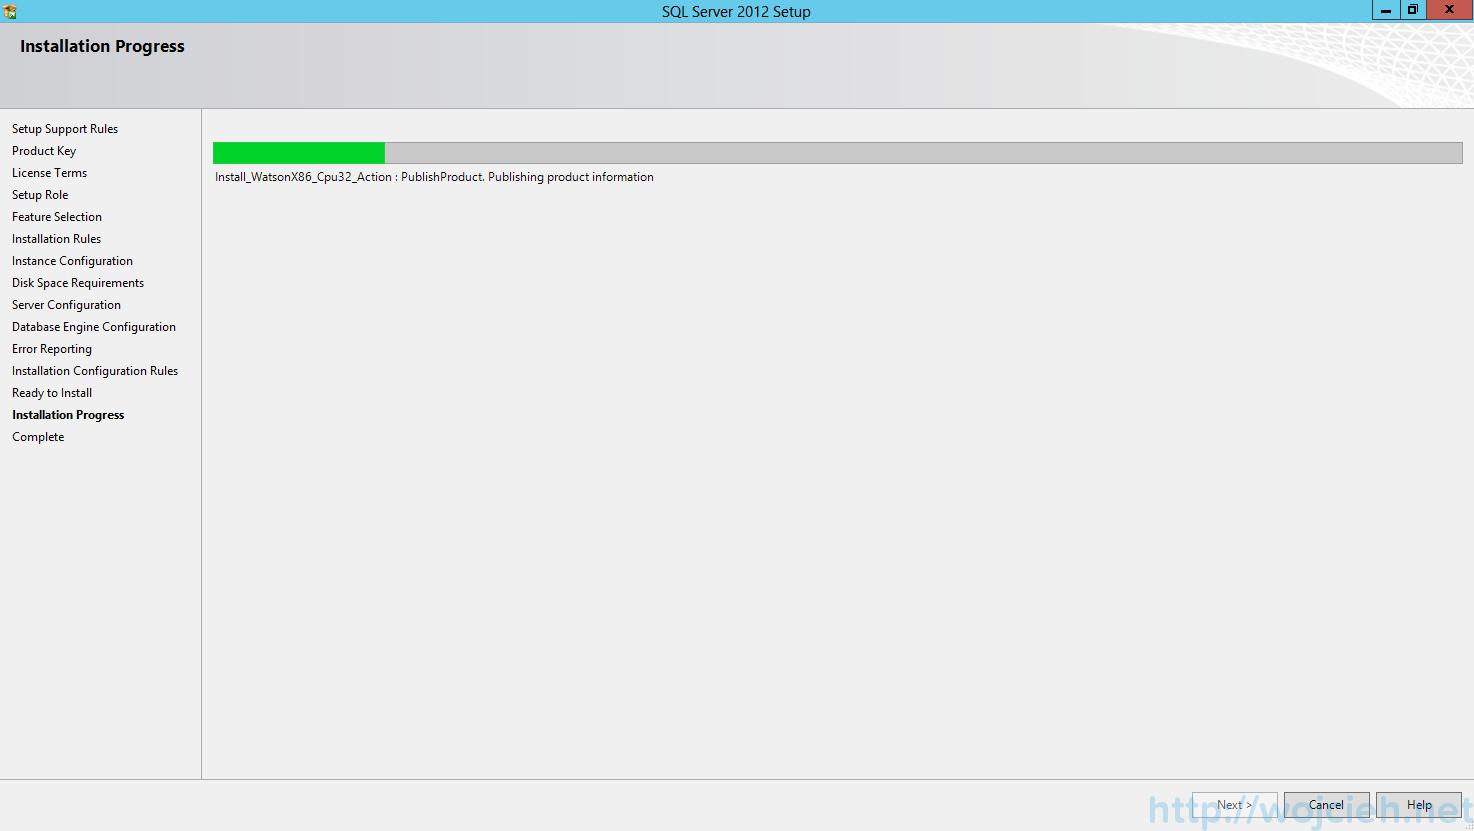 SQL Server 2012 SP1 - Installation Progress